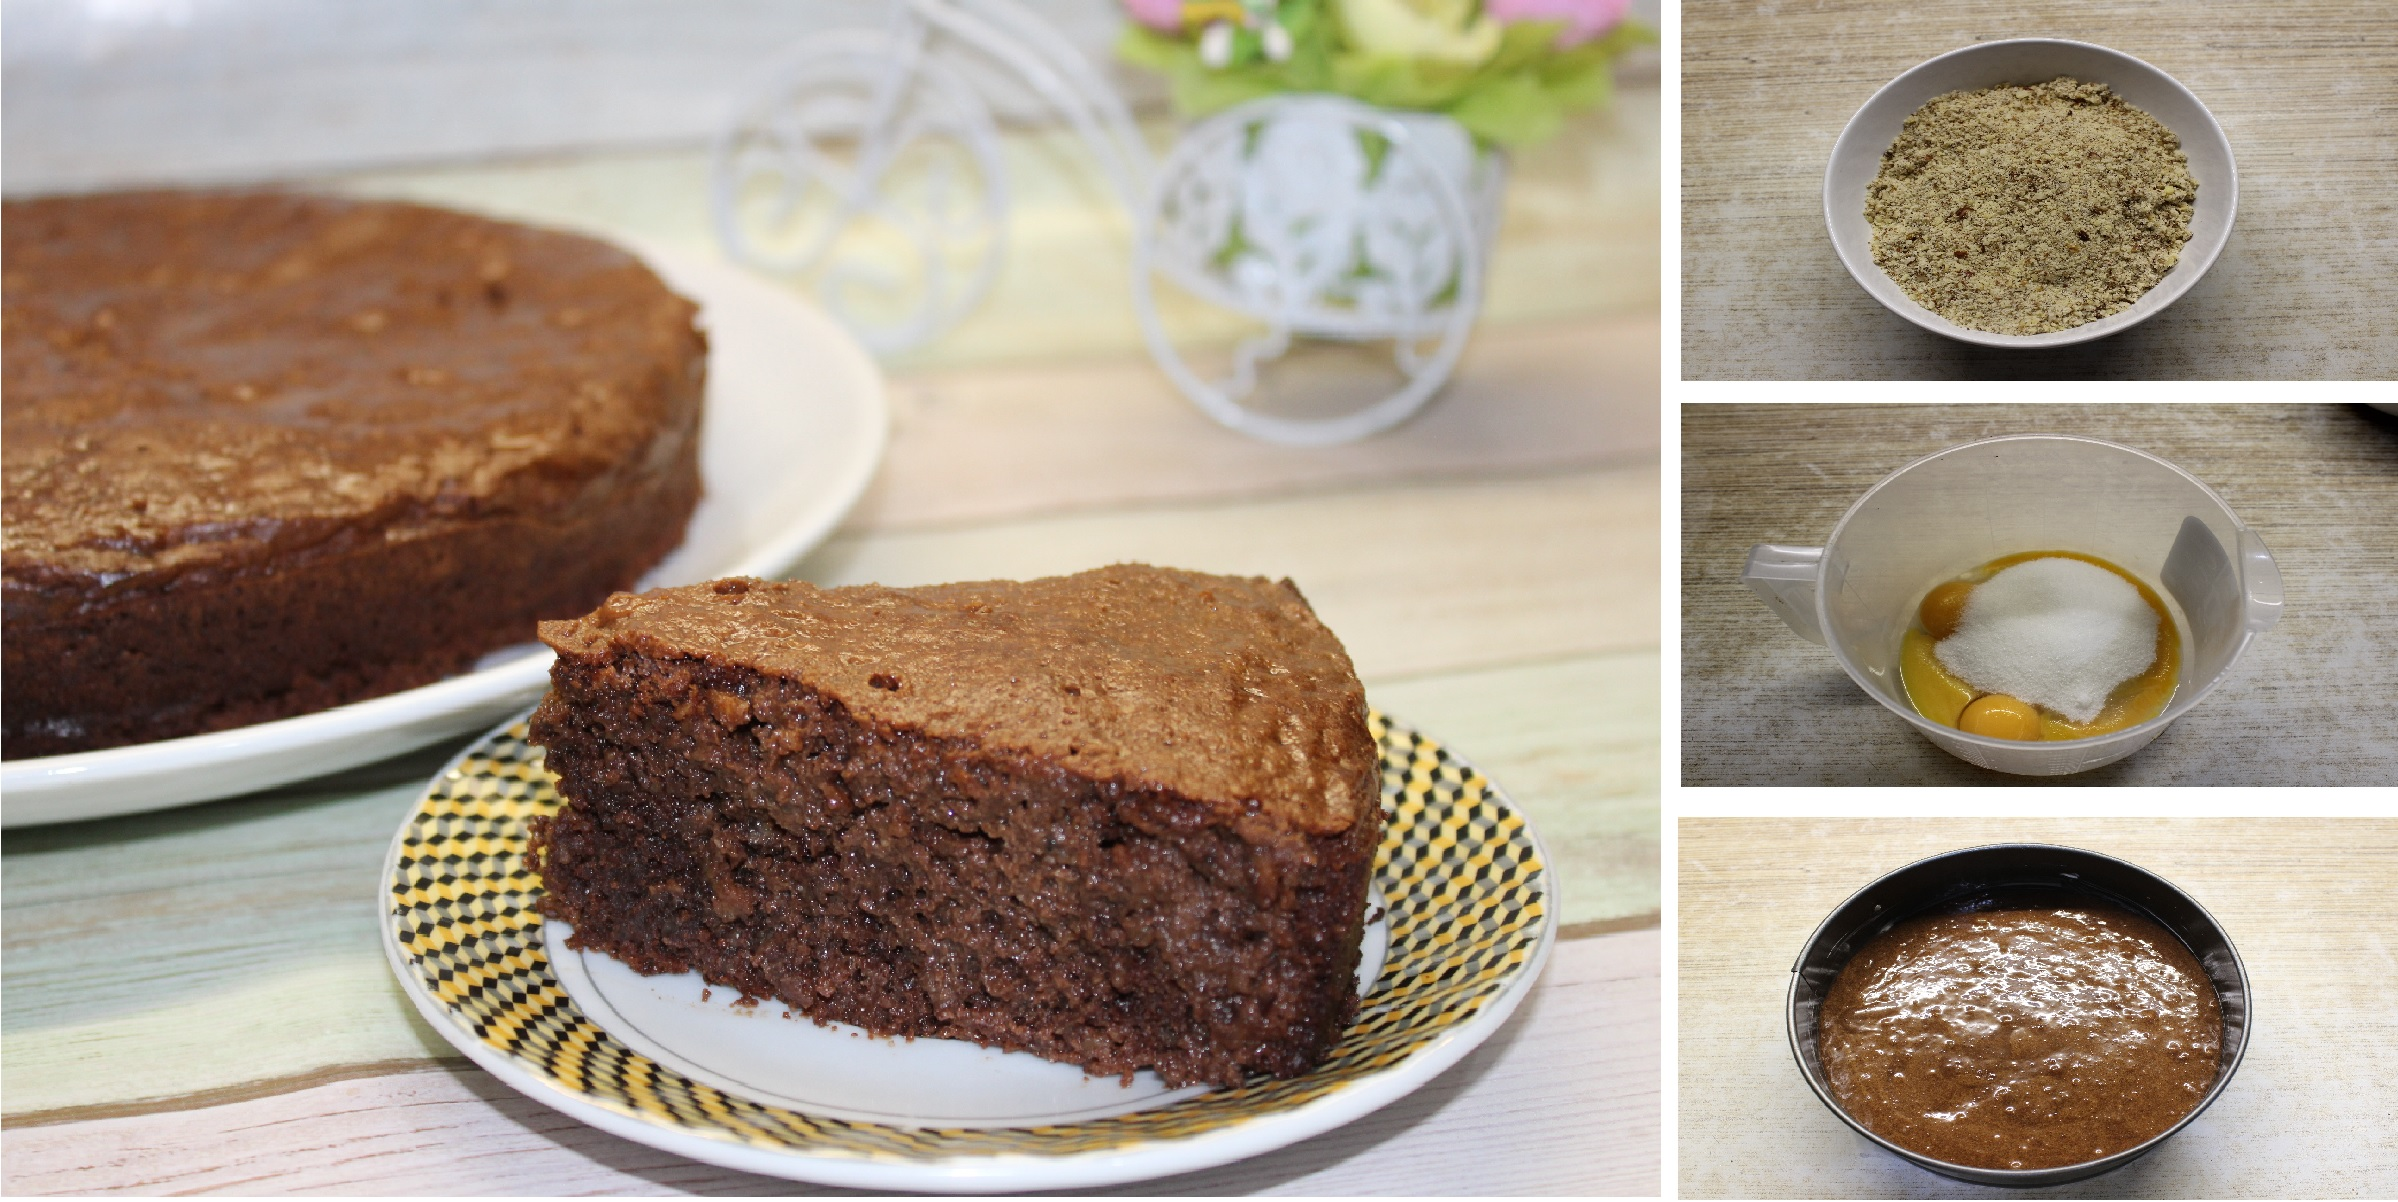 Шоколадно-ореховый торт с бренди: пошаговый фото рецепт